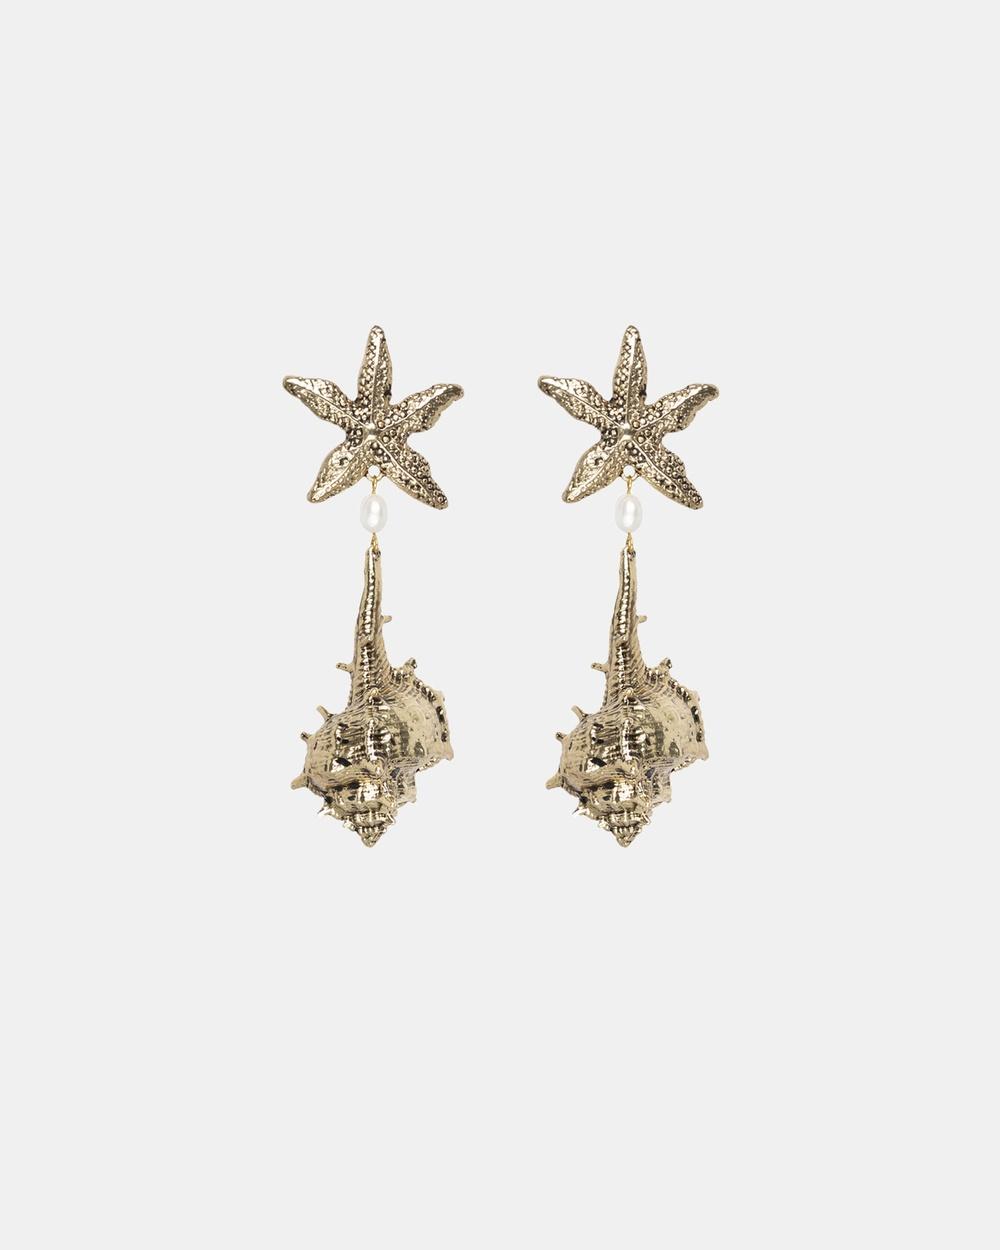 Kitte Positano Earrings Jewellery Gold